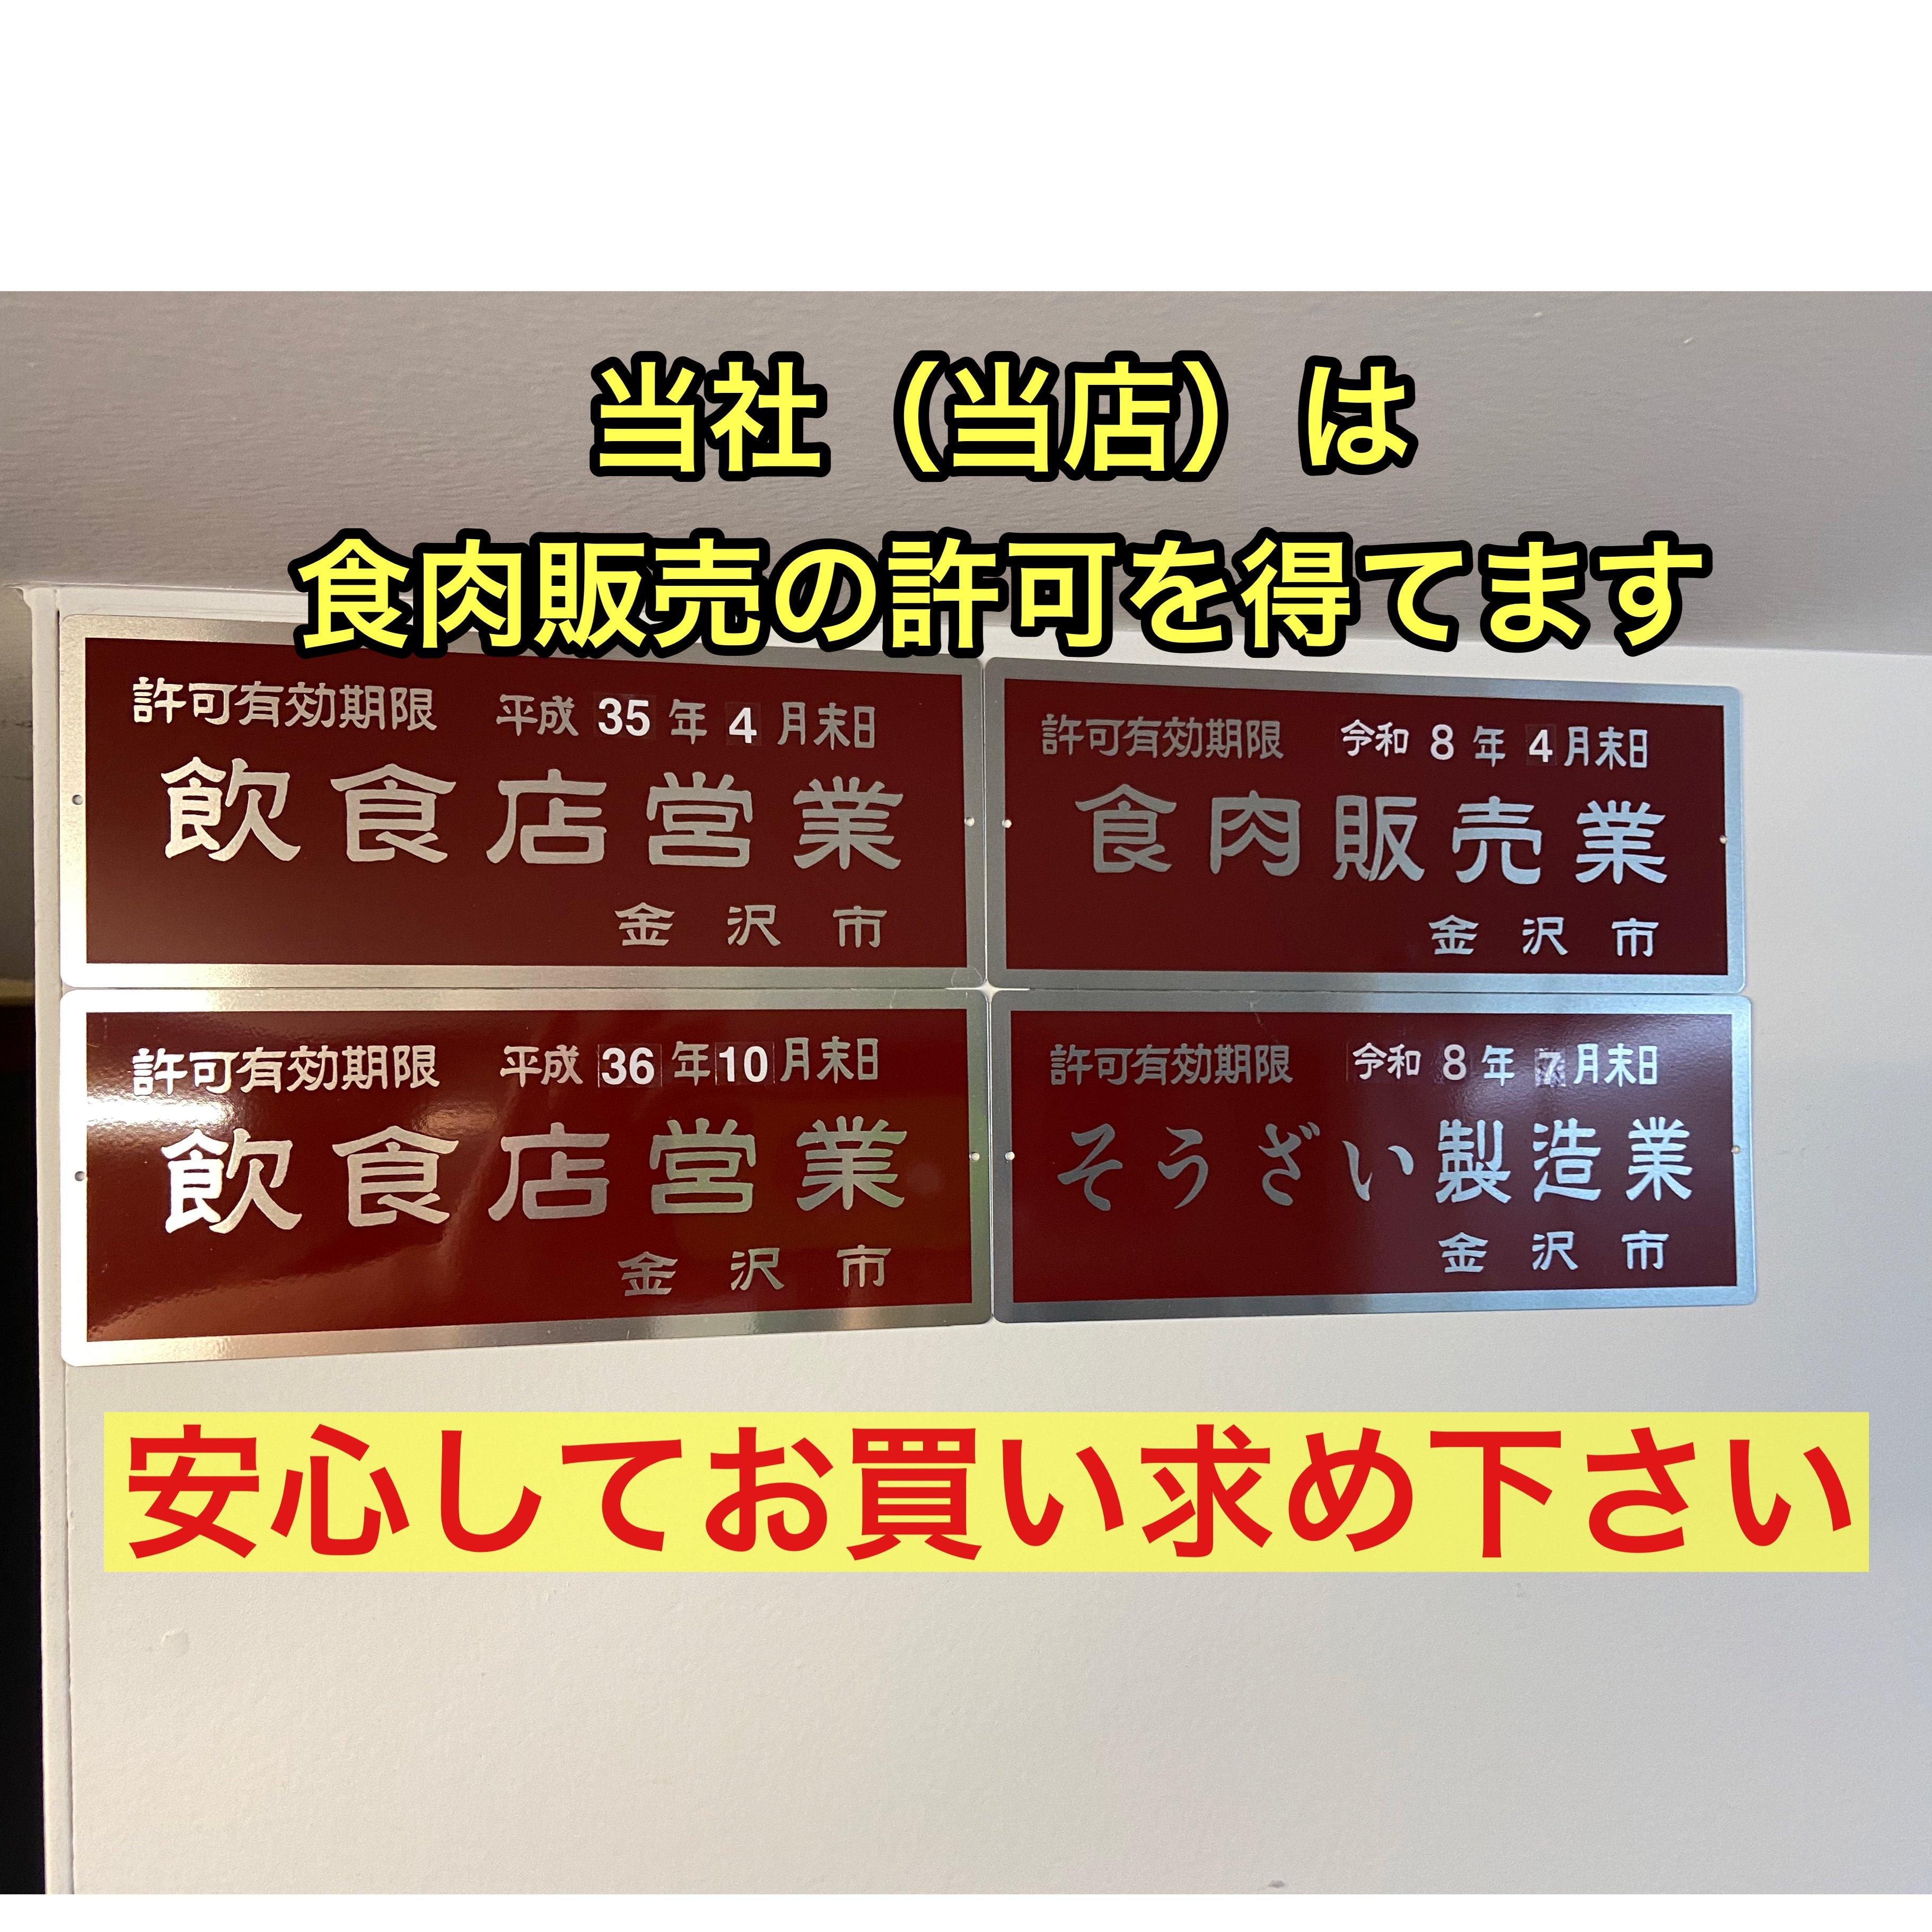 【生産者支援】秘伝!鶏の塩から揚げレシピ付き・名古屋コーチン支援価格購入チケットのイメージその4